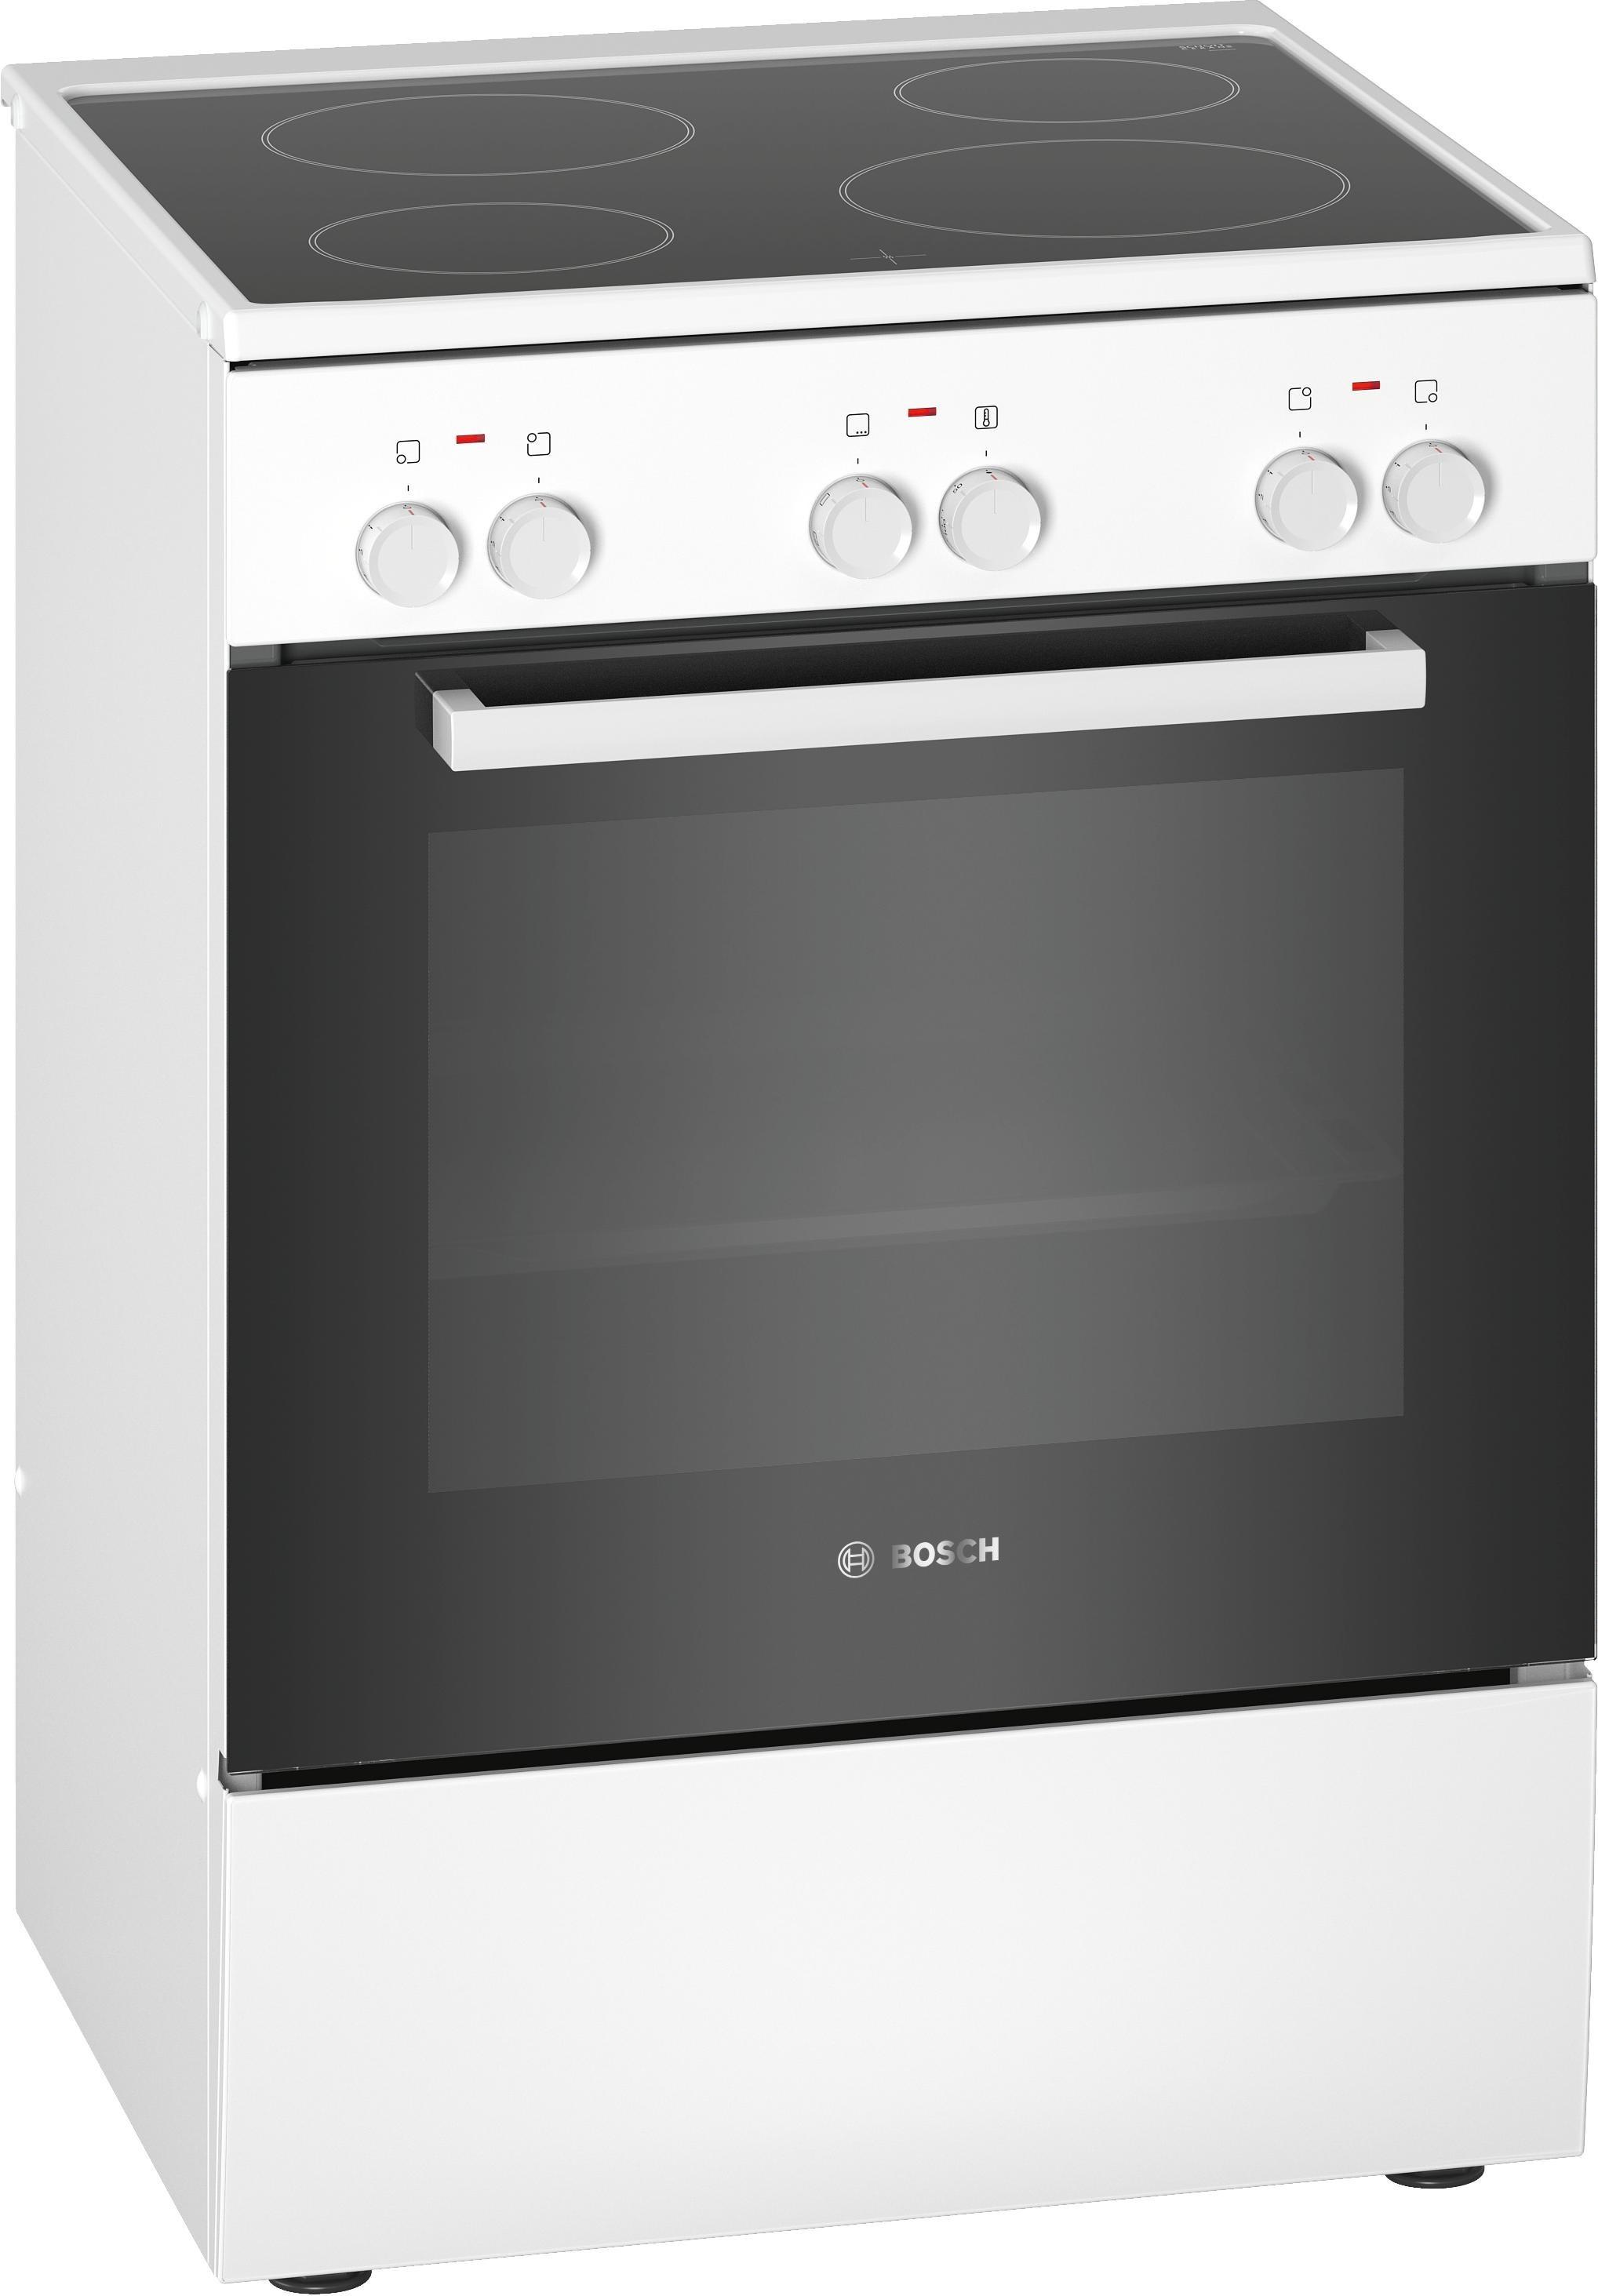 Bosch elektrisch fornuis HKA050020